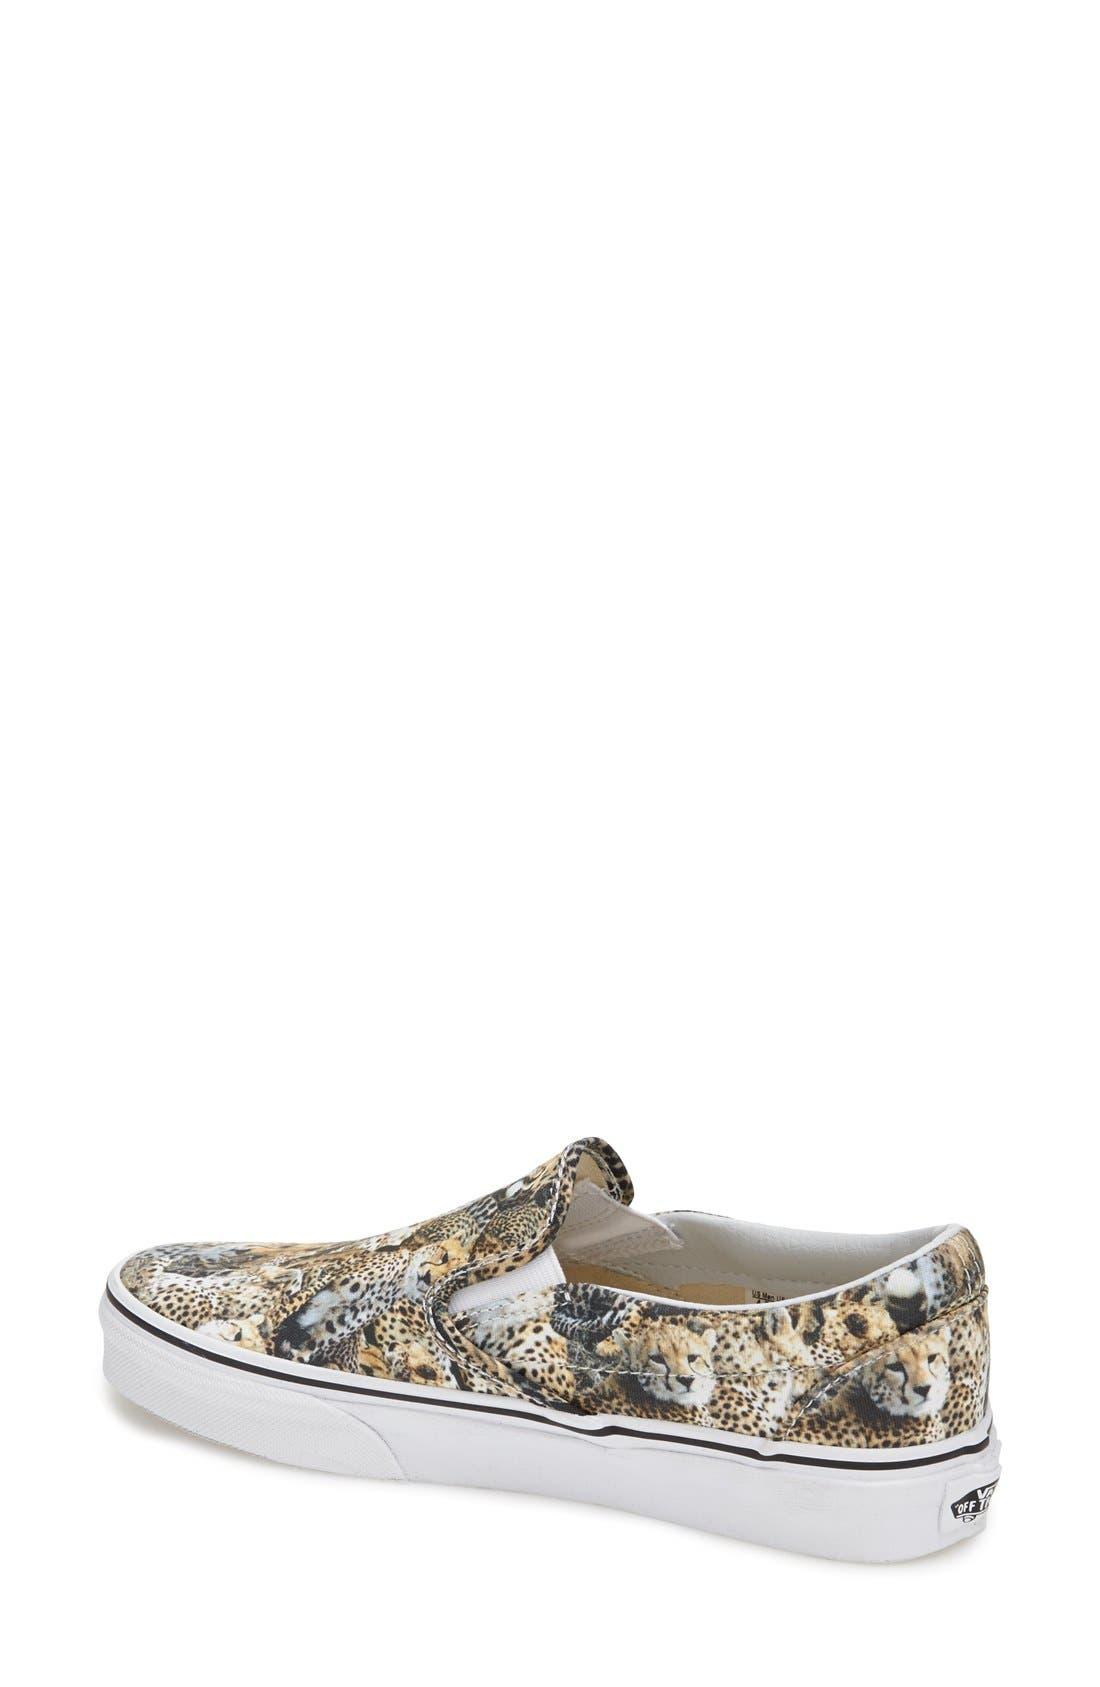 Alternate Image 2  - Vans 'Classic - Kenya' Slip-On Sneaker (Women)